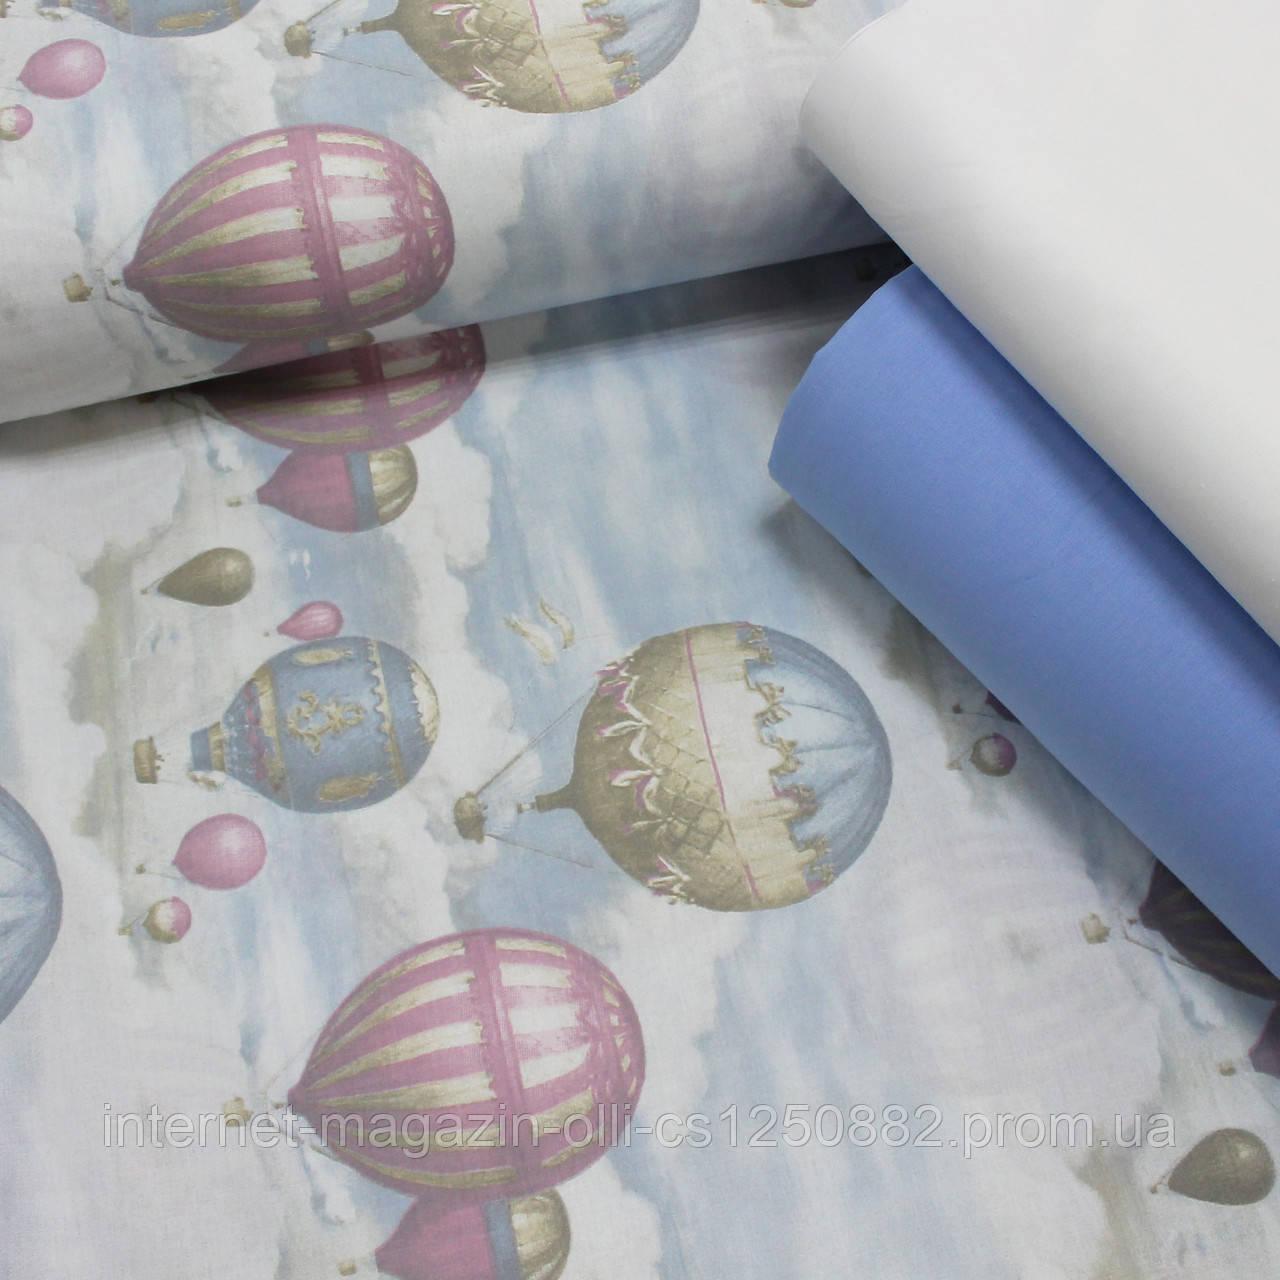 Хлопковая ткань (ТУРЦИЯ шир. 2,4 м) воздушные шары на светло-голубом